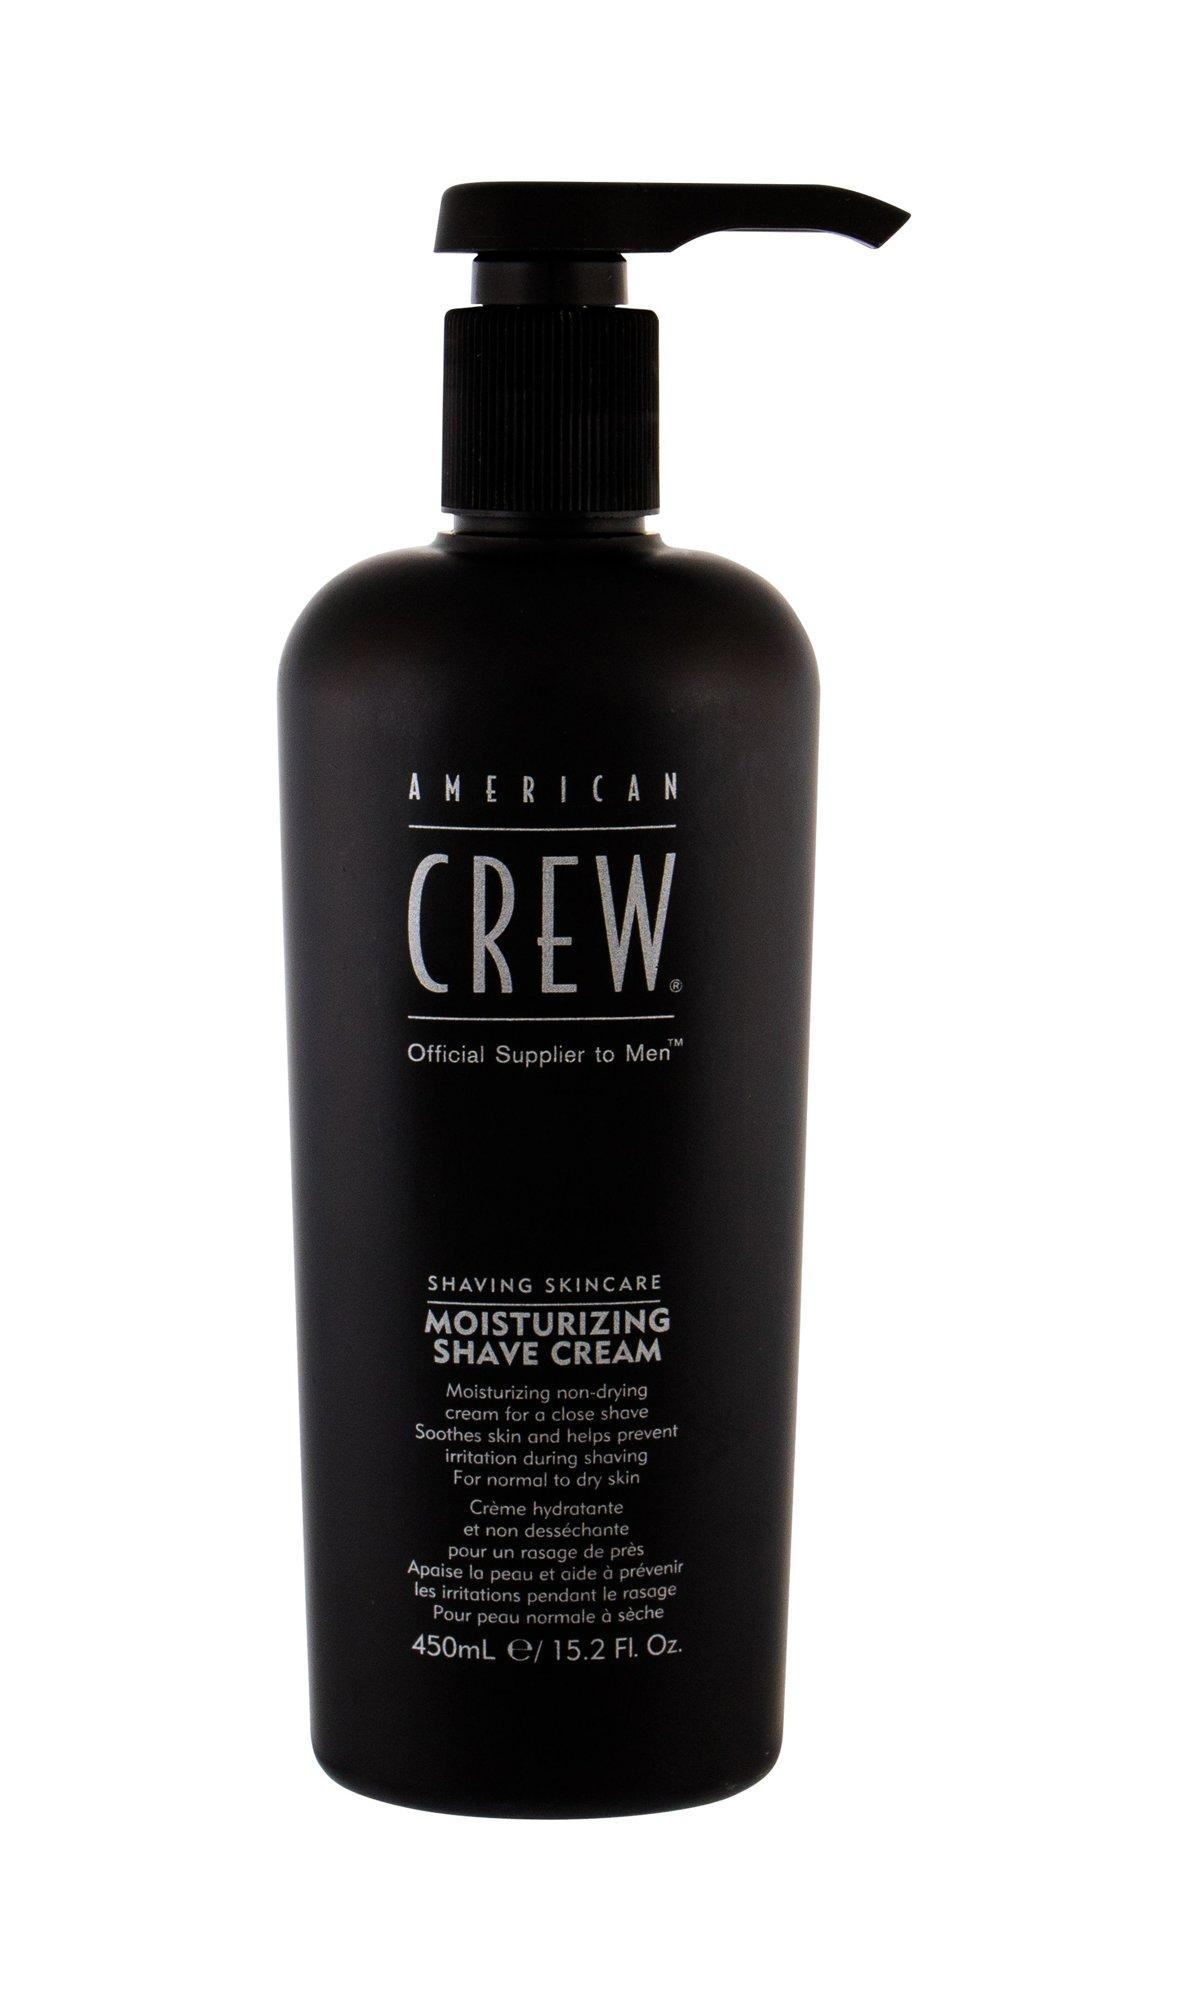 Skutimosi gelis American Crew Shaving Skincare